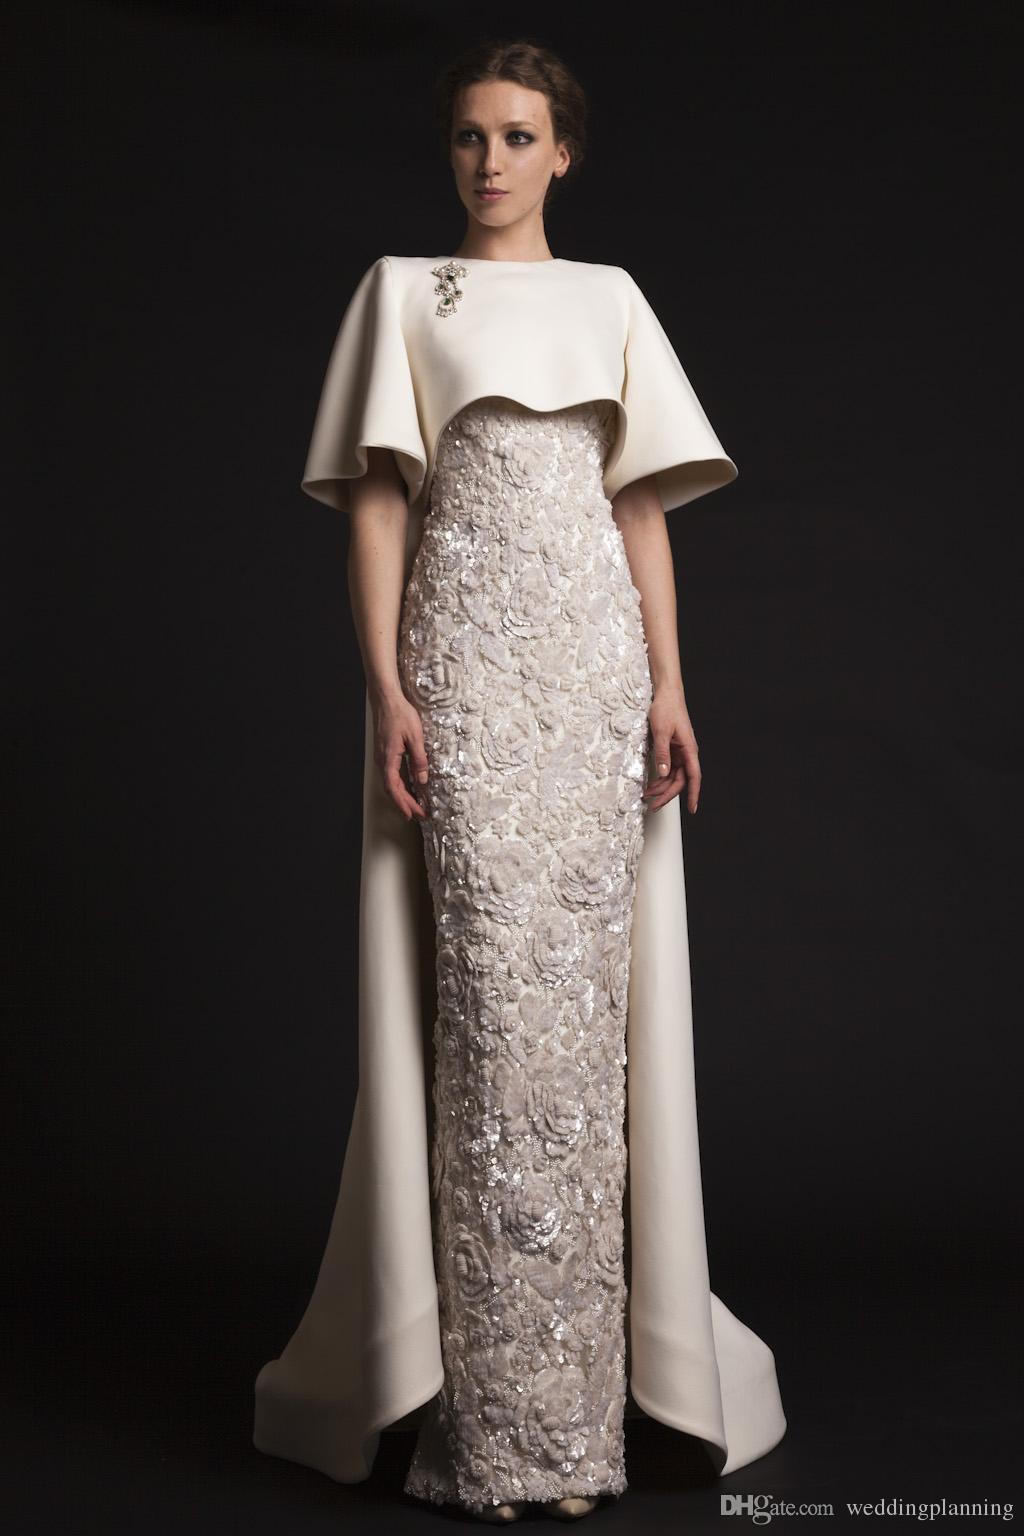 20 Elegant Cape Für Abendkleid Boutique20 Cool Cape Für Abendkleid Spezialgebiet